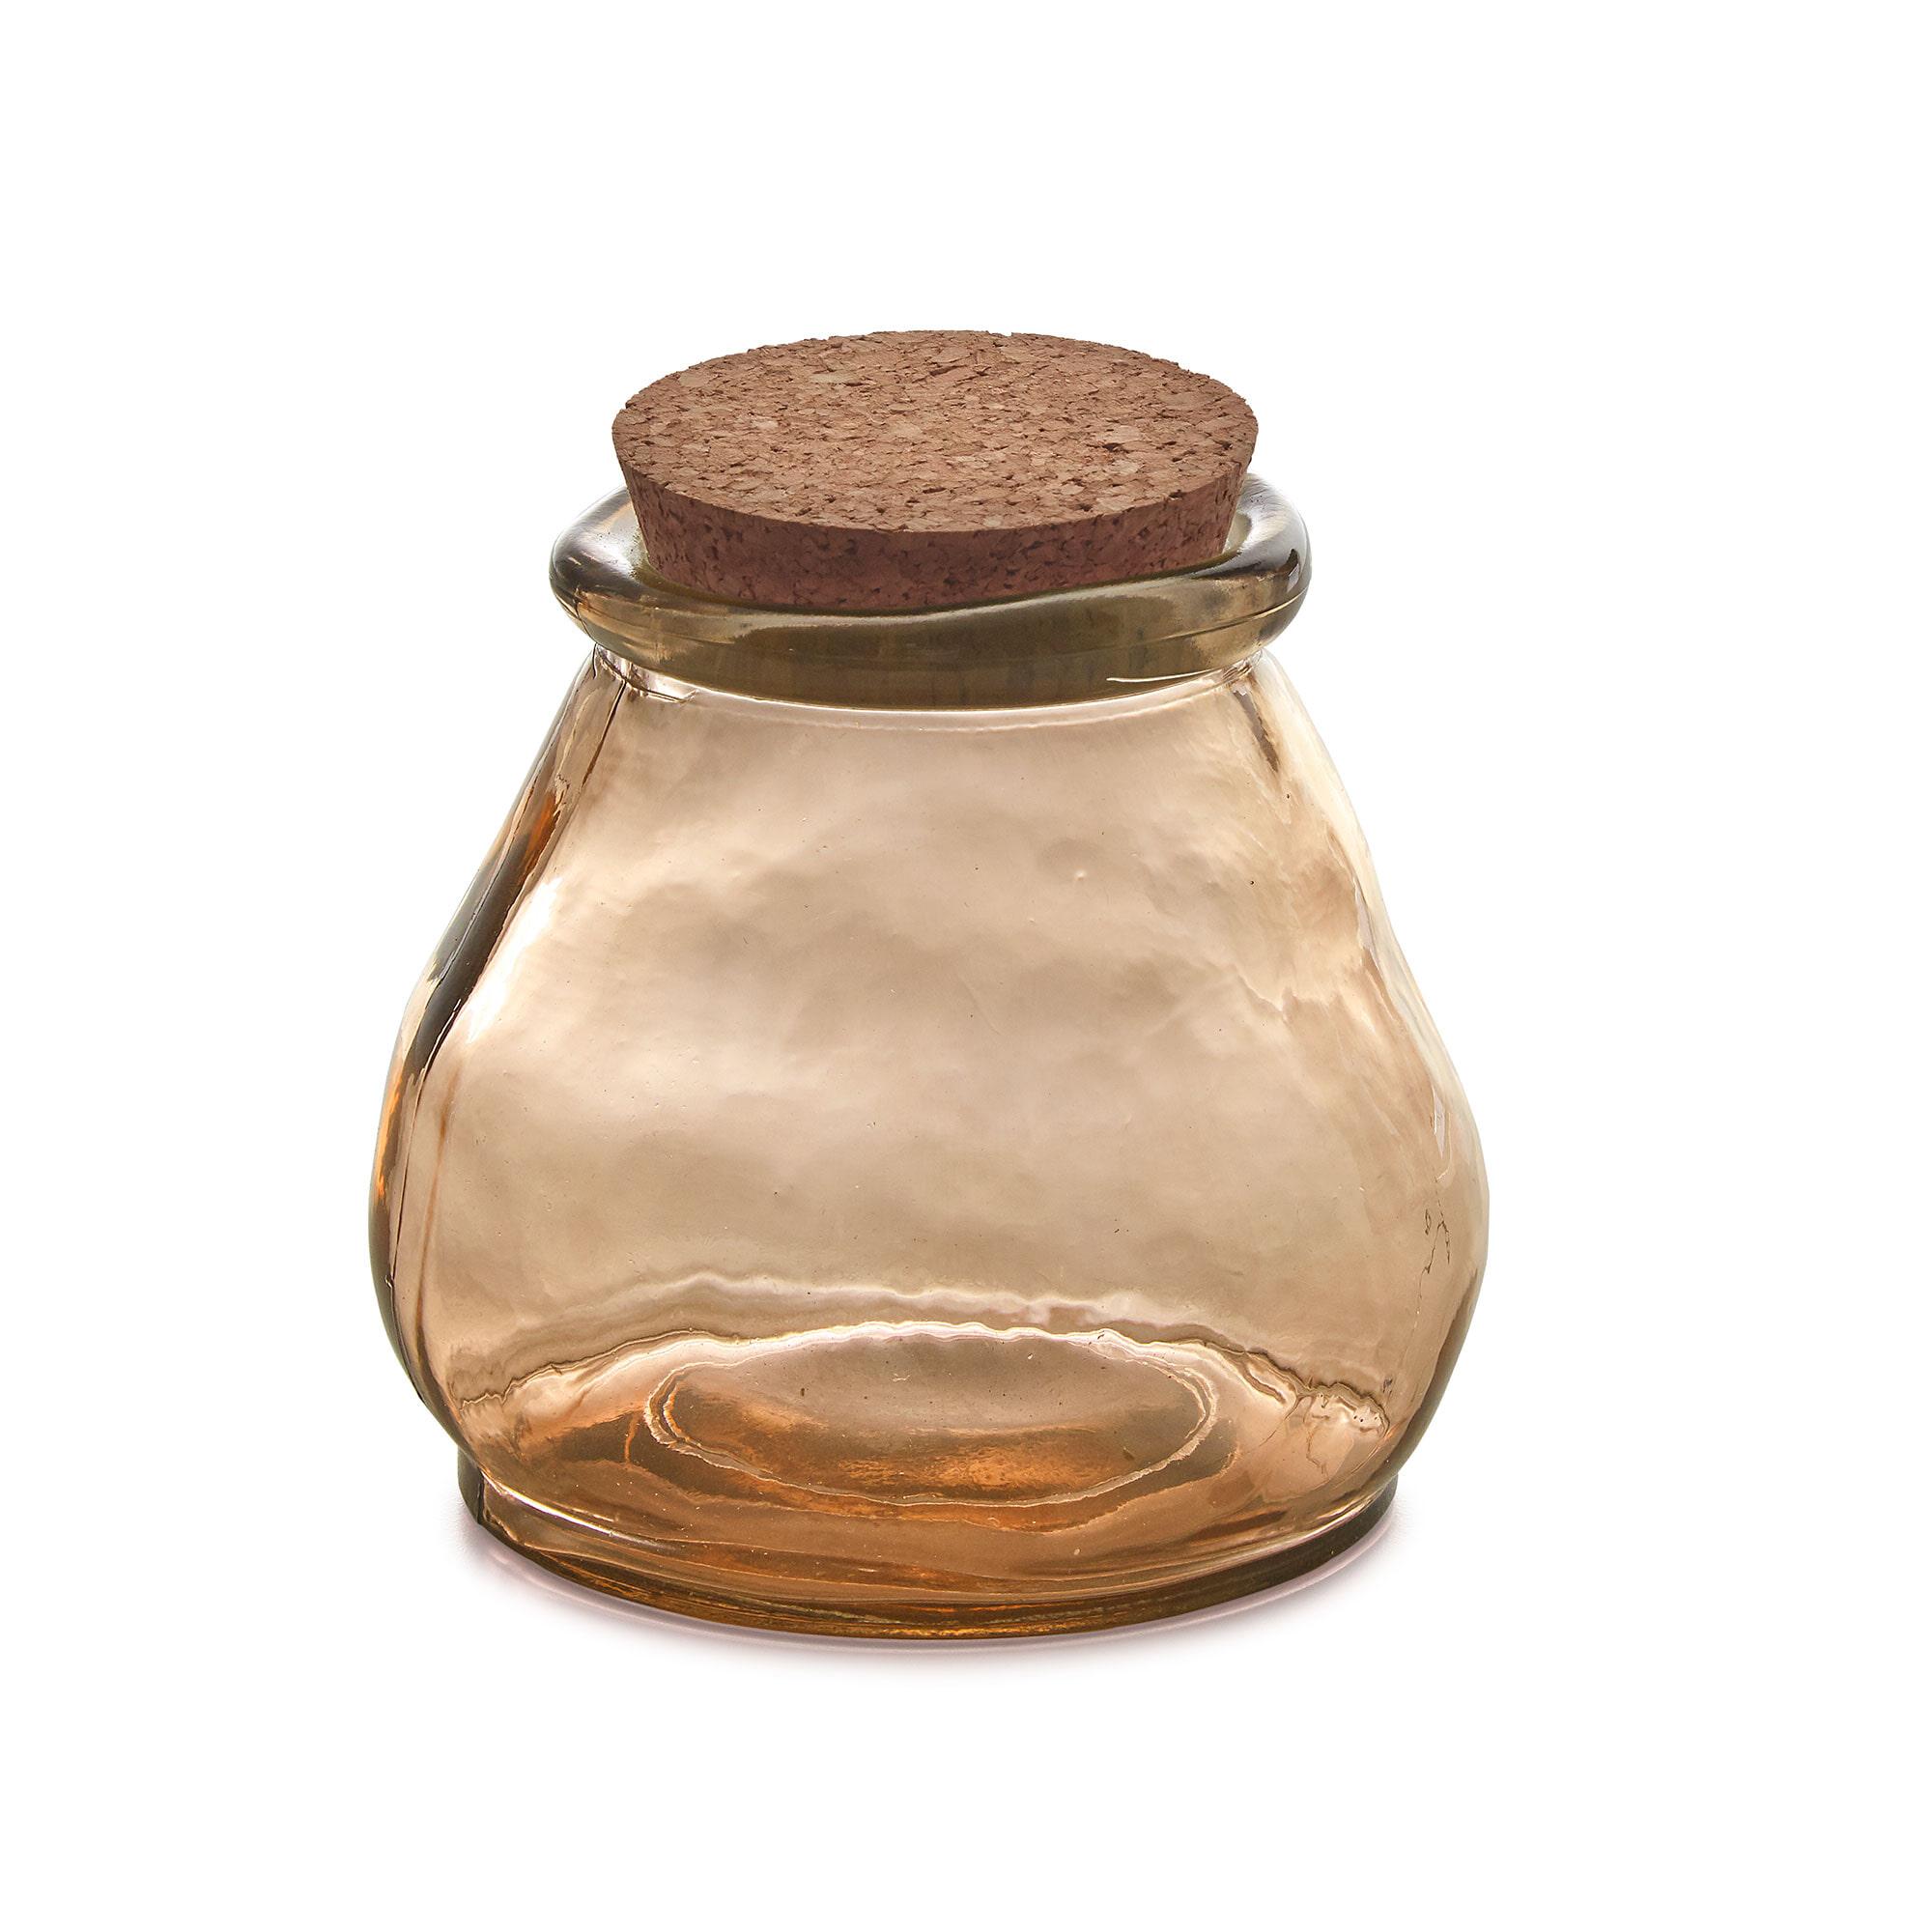 Kave Home Voorraadpot 'Rohan' Small, kleur Bruin